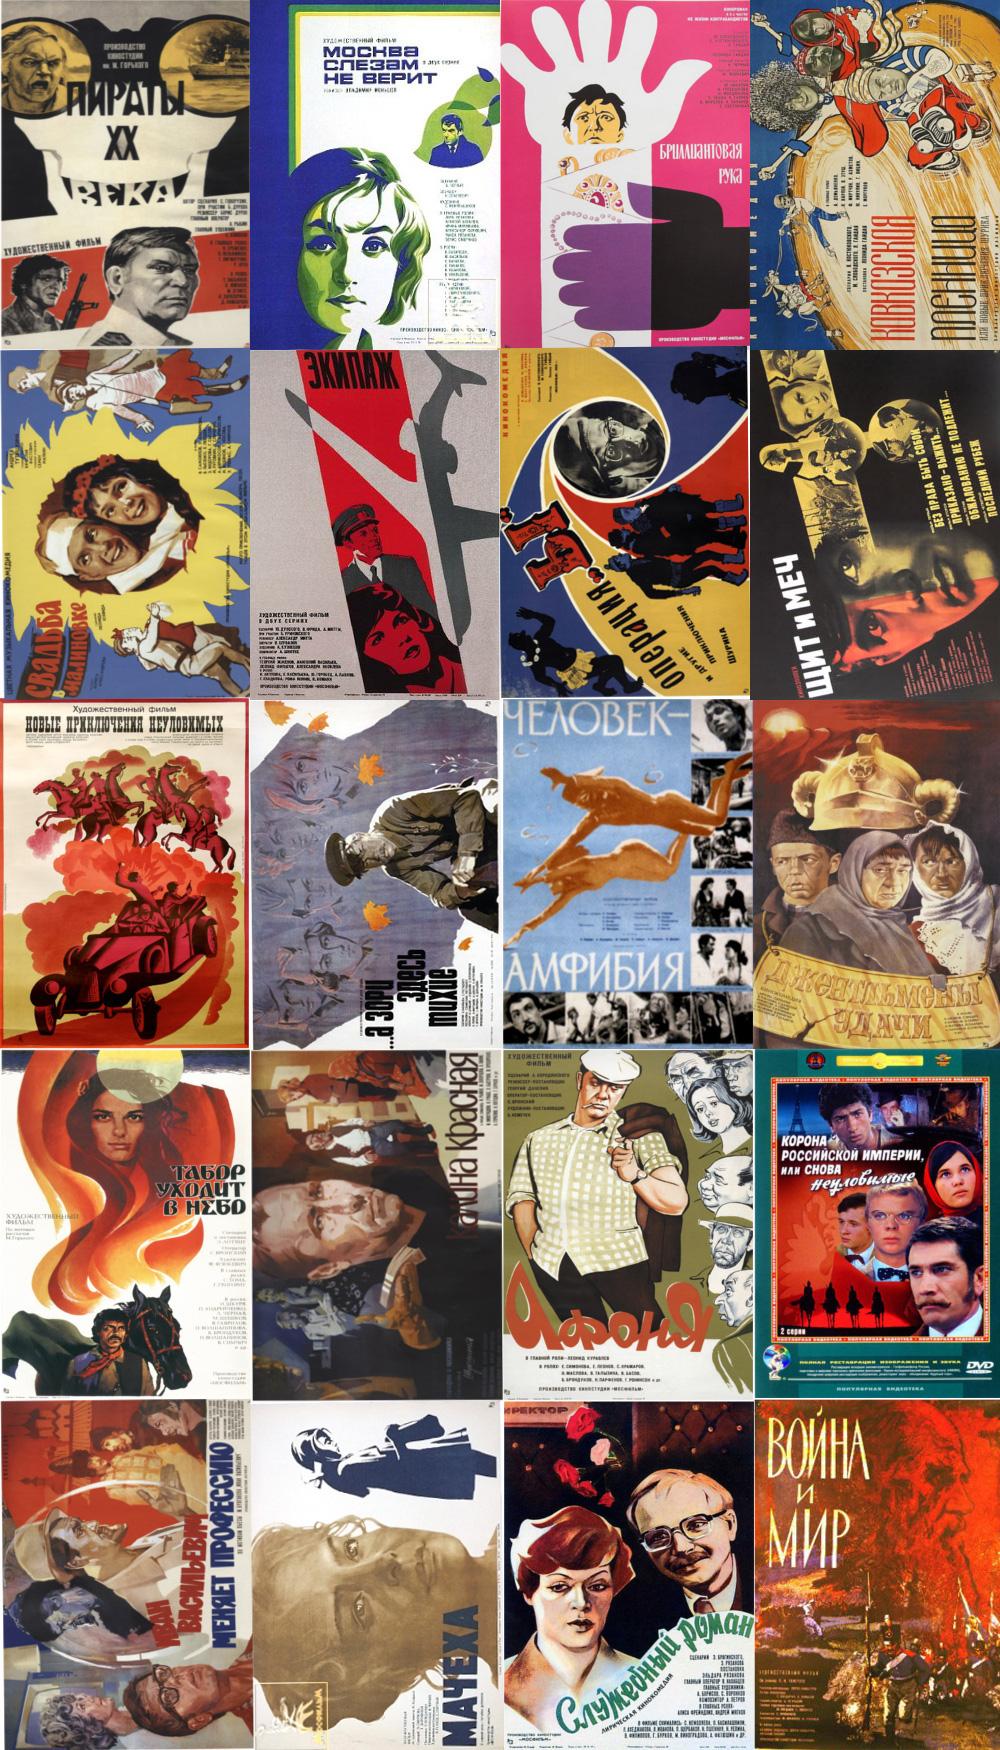 _ТОП-20 фильмов СССР (Лидеры по сборам в кинотеатрах)